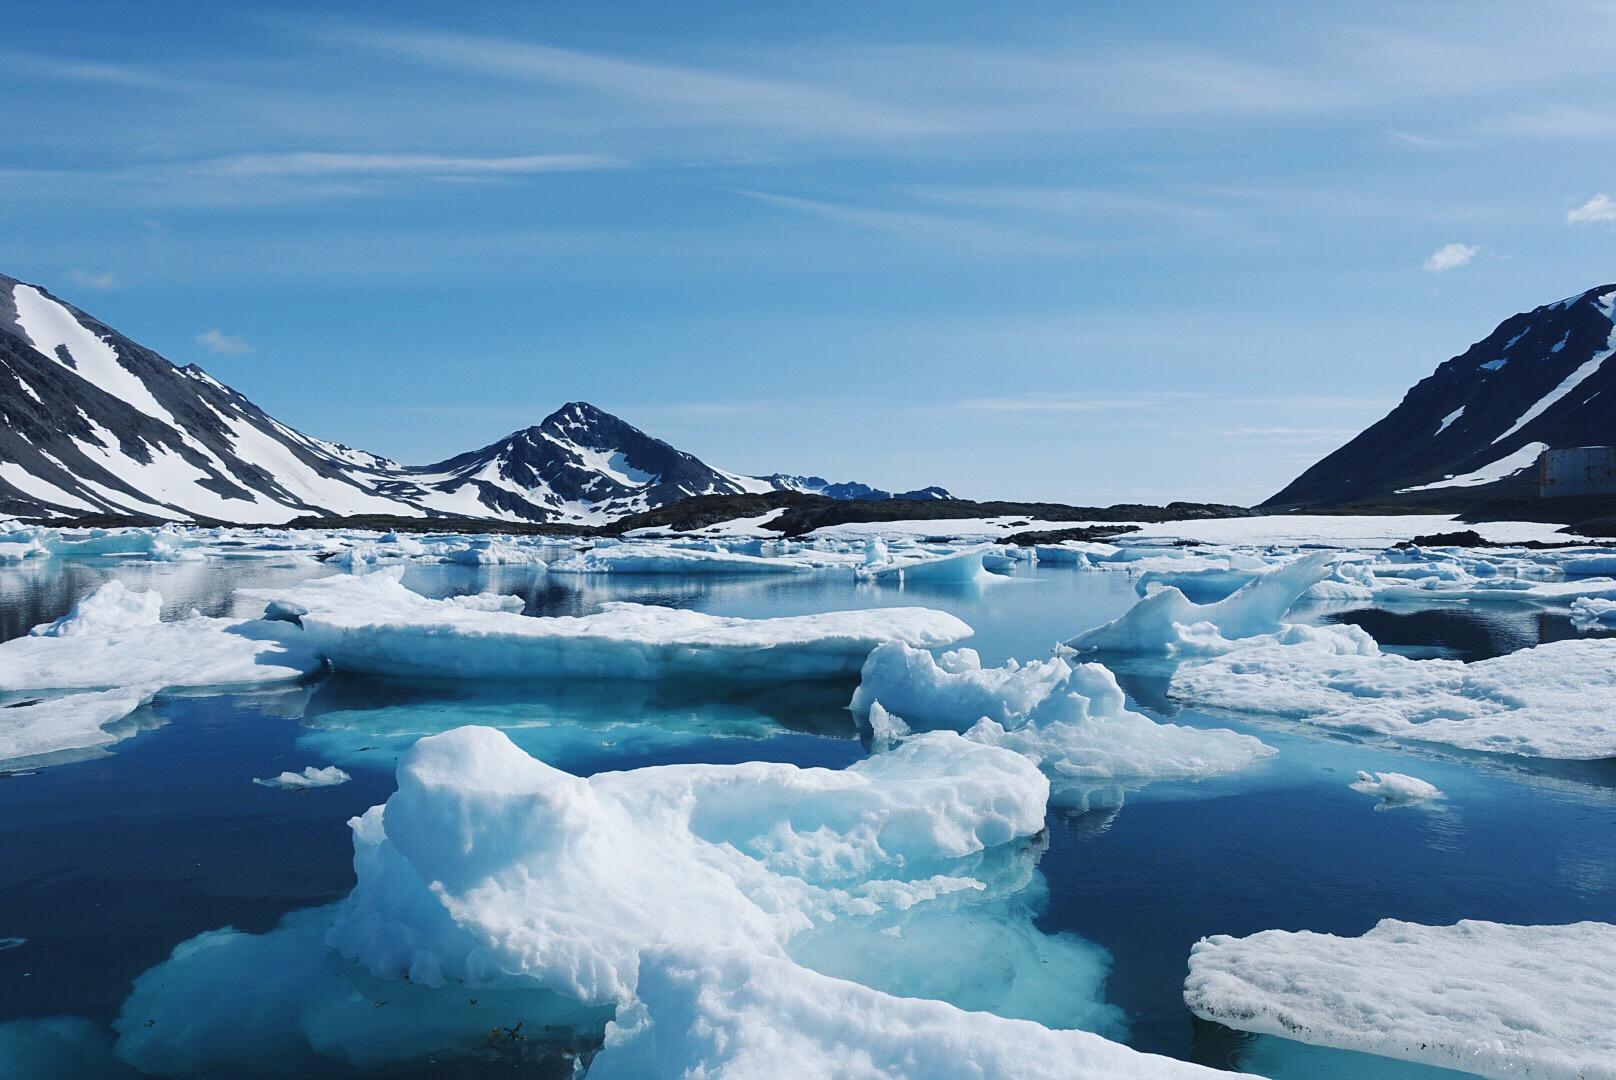 围绕着格陵兰村落库鲁萨克的峡湾有着许多大型冰块以及鲸鱼